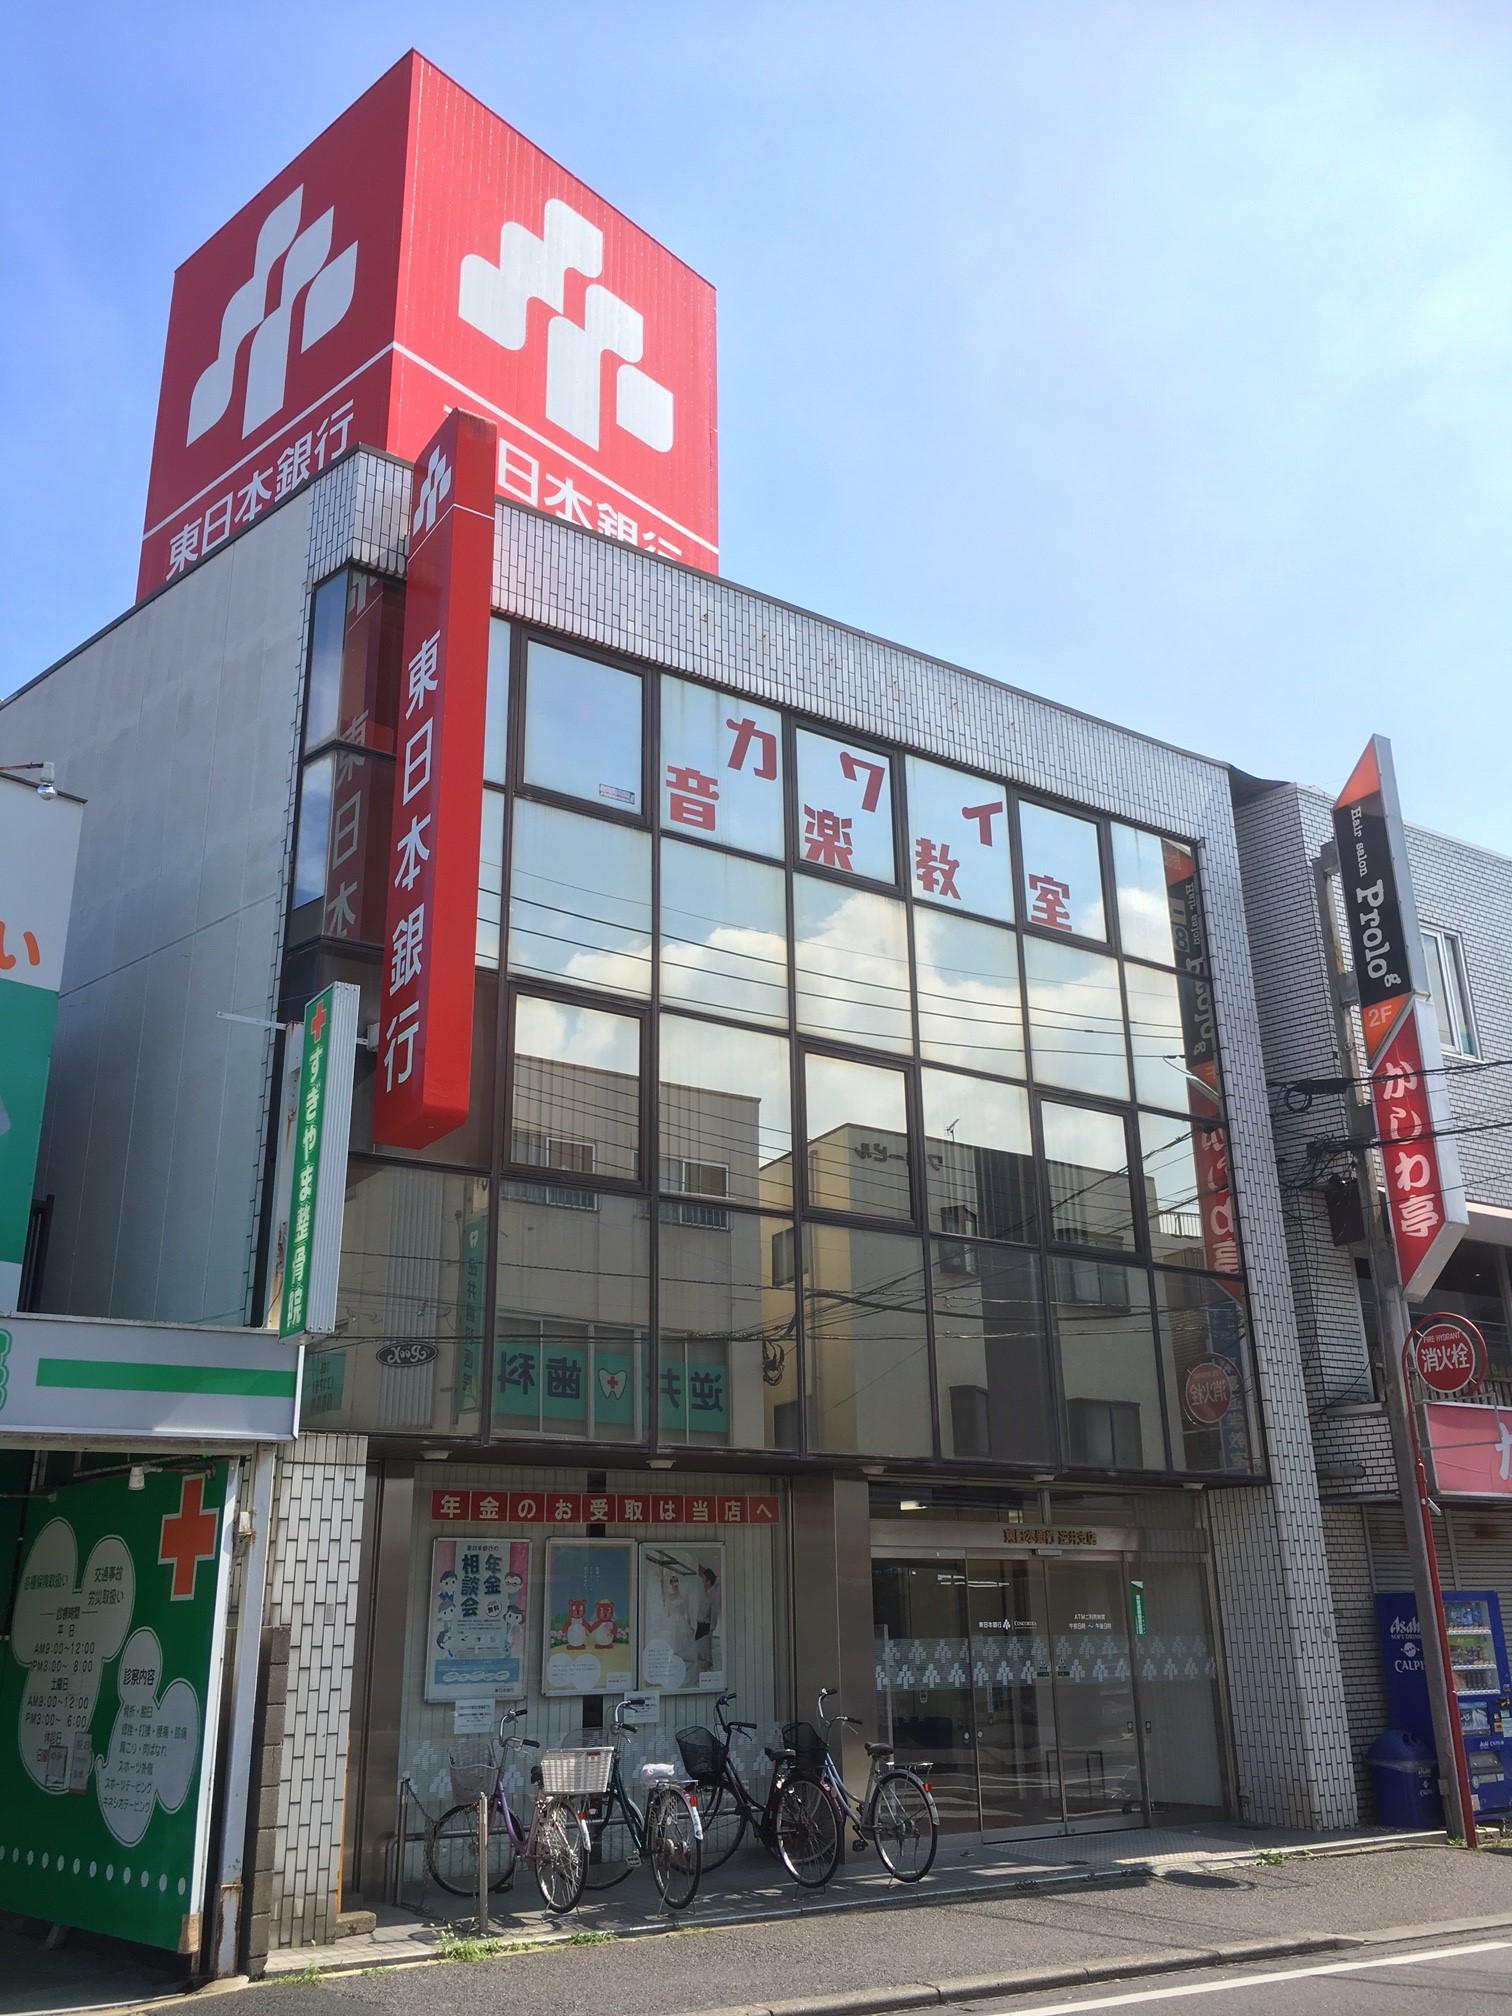 銀行:東日本銀行 逆井支店 147m